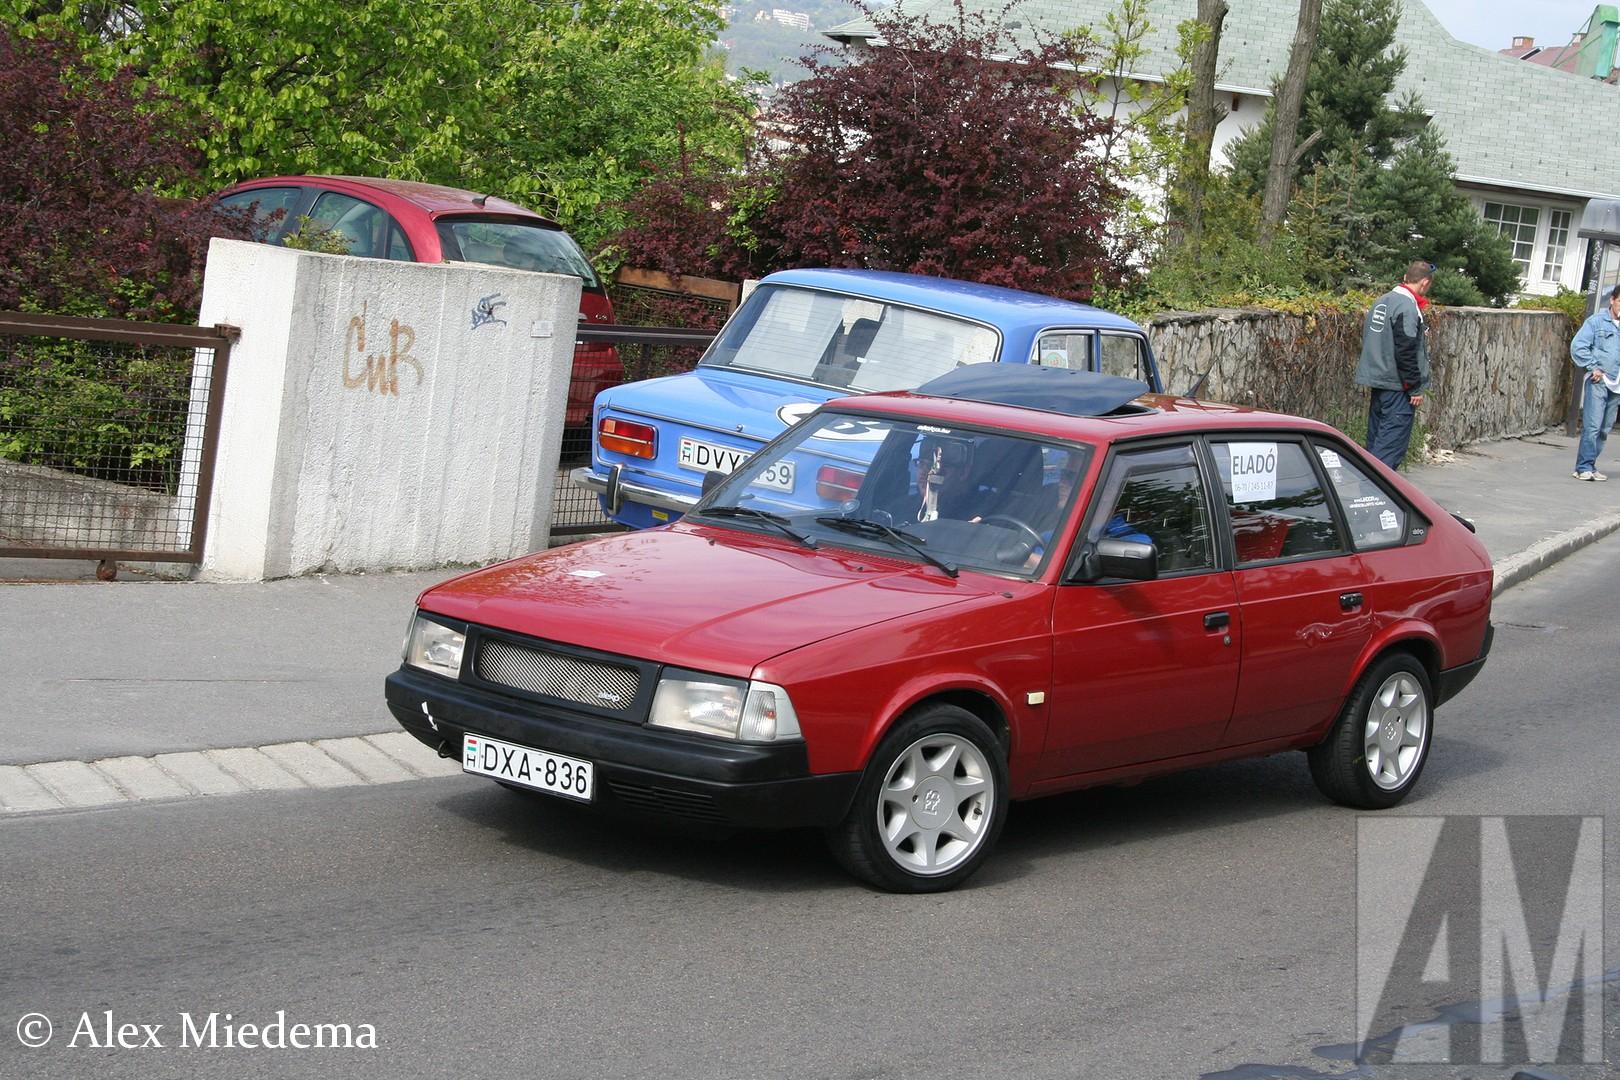 Aleko 2141S In april 2011 deed ik mee aan een rondrit voor oldtimers door Budapest. Aan die tocht nam ook een vrij bijzondere auto deel, een Aleko 2141S. De Aleko was een type van Moskvich, maar werd in sommige landen als apart merkgevoerd. Hij werd in 1985 aan het publiek voorgesteld, een jaar later kam hij op de markt. De laatste Aleko rolde in 2003 van de band. Aleko 2141S In april 2011 deed ik mee aan een rondrit voor oldtimers door Budapest. Aan die tocht nam ook een vrij bijzondere auto deel, een Aleko 2141S. De Aleko was een type van Moskvich, maar werd in sommige landen als apart merkgevoerd. Hij werd in 1985 aan het publiek voorgesteld, een jaar later kam hij op de markt. De laatste Aleko rolde in 2003 van de band. Aleko 2141S In april 2011 deed ik mee aan een rondrit voor oldtimers door Budapest. Aan die tocht nam ook een vrij bijzondere auto deel, een Aleko 2141S. De Aleko was een type van Moskvich, maar werd in sommige landen als apart merkgevoerd. Hij werd in 1985 aan het publiek voorgesteld, een jaar later kam hij op de markt. De laatste Aleko rolde in 2003 van de band. Aleko 2141S In april 2011 deed ik mee aan een rondrit voor oldtimers door Budapest. Aan die tocht nam ook een vrij bijzondere auto deel, een Aleko 2141S. De Aleko was een type van Moskvich, maar werd in sommige landen als apart merkgevoerd. Hij werd in 1985 aan het publiek voorgesteld, een jaar later kam hij op de markt. De laatste Aleko rolde in 2003 van de band. Aleko 2141S In april 2011 deed ik mee aan een rondrit voor oldtimers door Budapest. Aan die tocht nam ook een vrij bijzondere auto deel, een Aleko 2141S. De Aleko was een type van Moskvich, maar werd in sommige landen als apart merkgevoerd. Hij werd in 1985 aan het publiek voorgesteld, een jaar later kam hij op de markt. De laatste Aleko rolde in 2003 van de band. Aleko 2141S In april 2011 deed ik mee aan een rondrit voor oldtimers door Budapest. Aan die tocht nam ook een vrij bijzondere auto deel, een Aleko 2141S. De Aleko wa